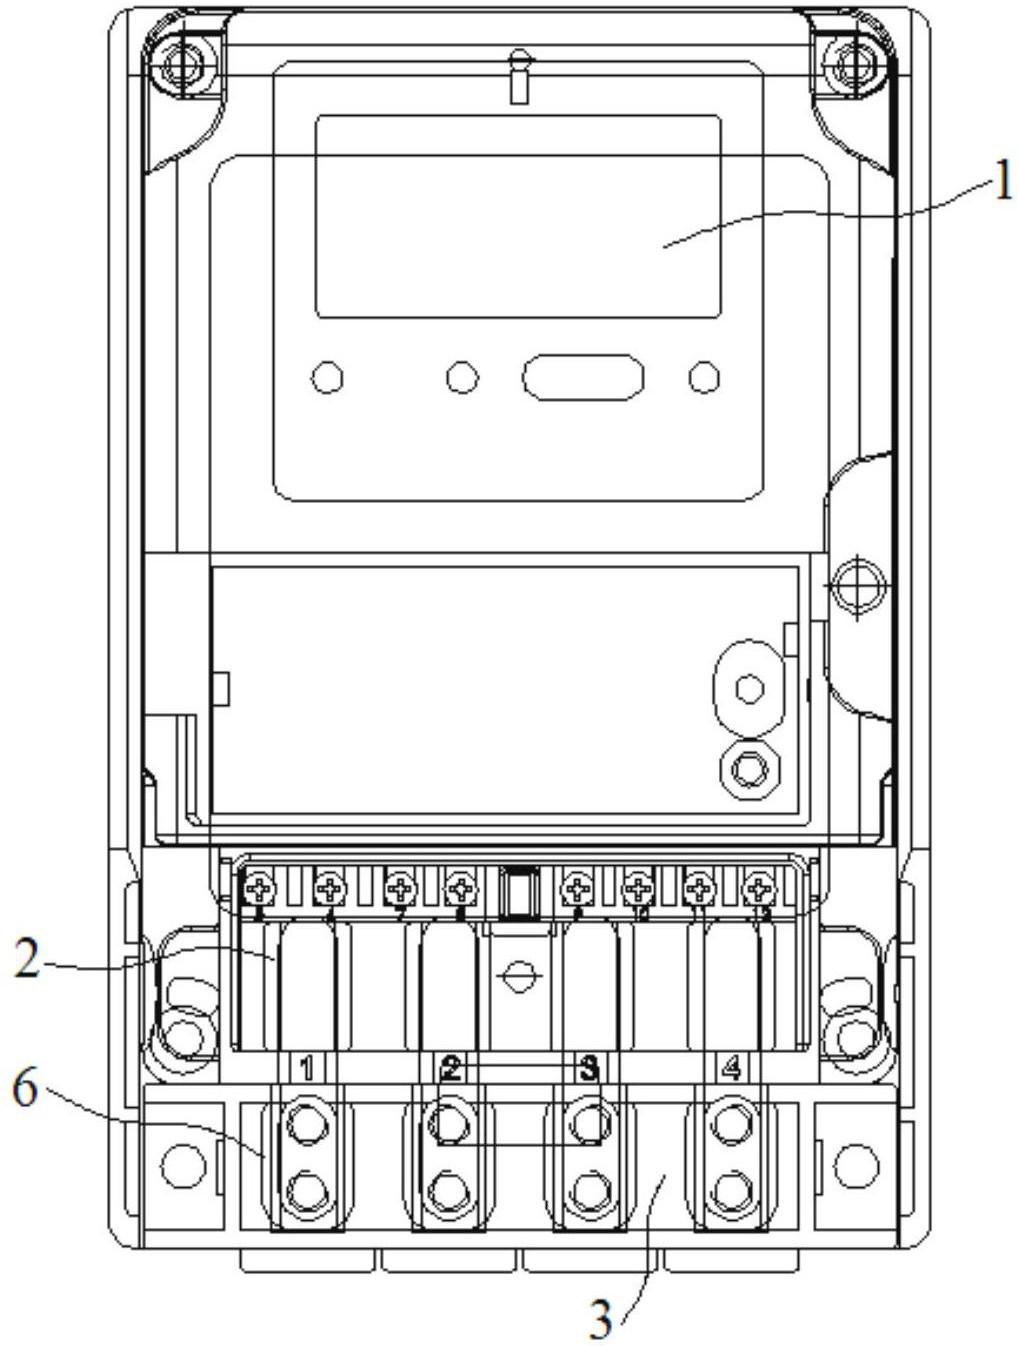 【仪表最新专利】具有快速安装功能的电能表